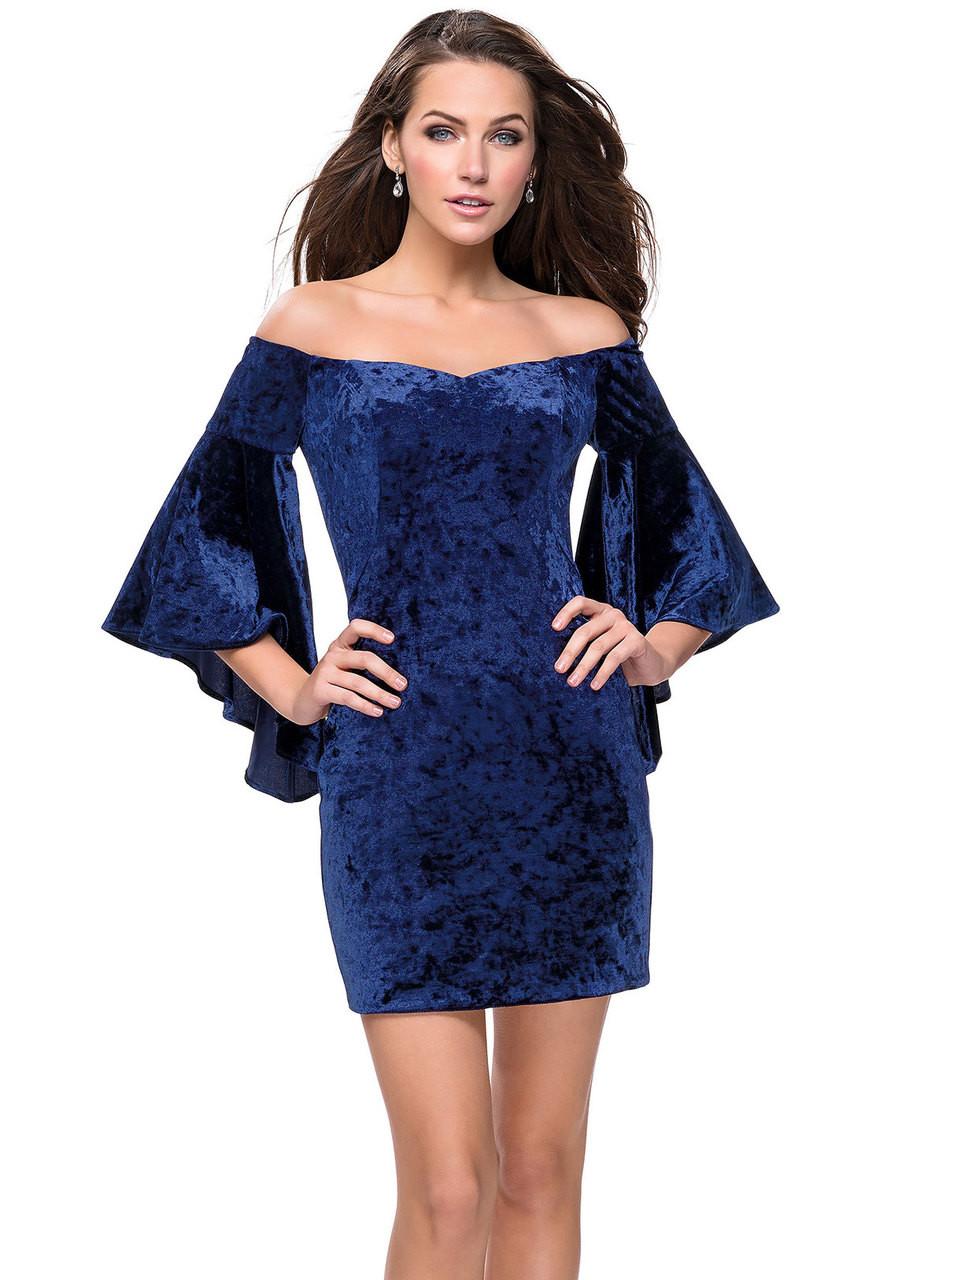 8761964ebb6 Velvet Off The Shoulder La Femme Short Dress With Bell Sleeves 26640